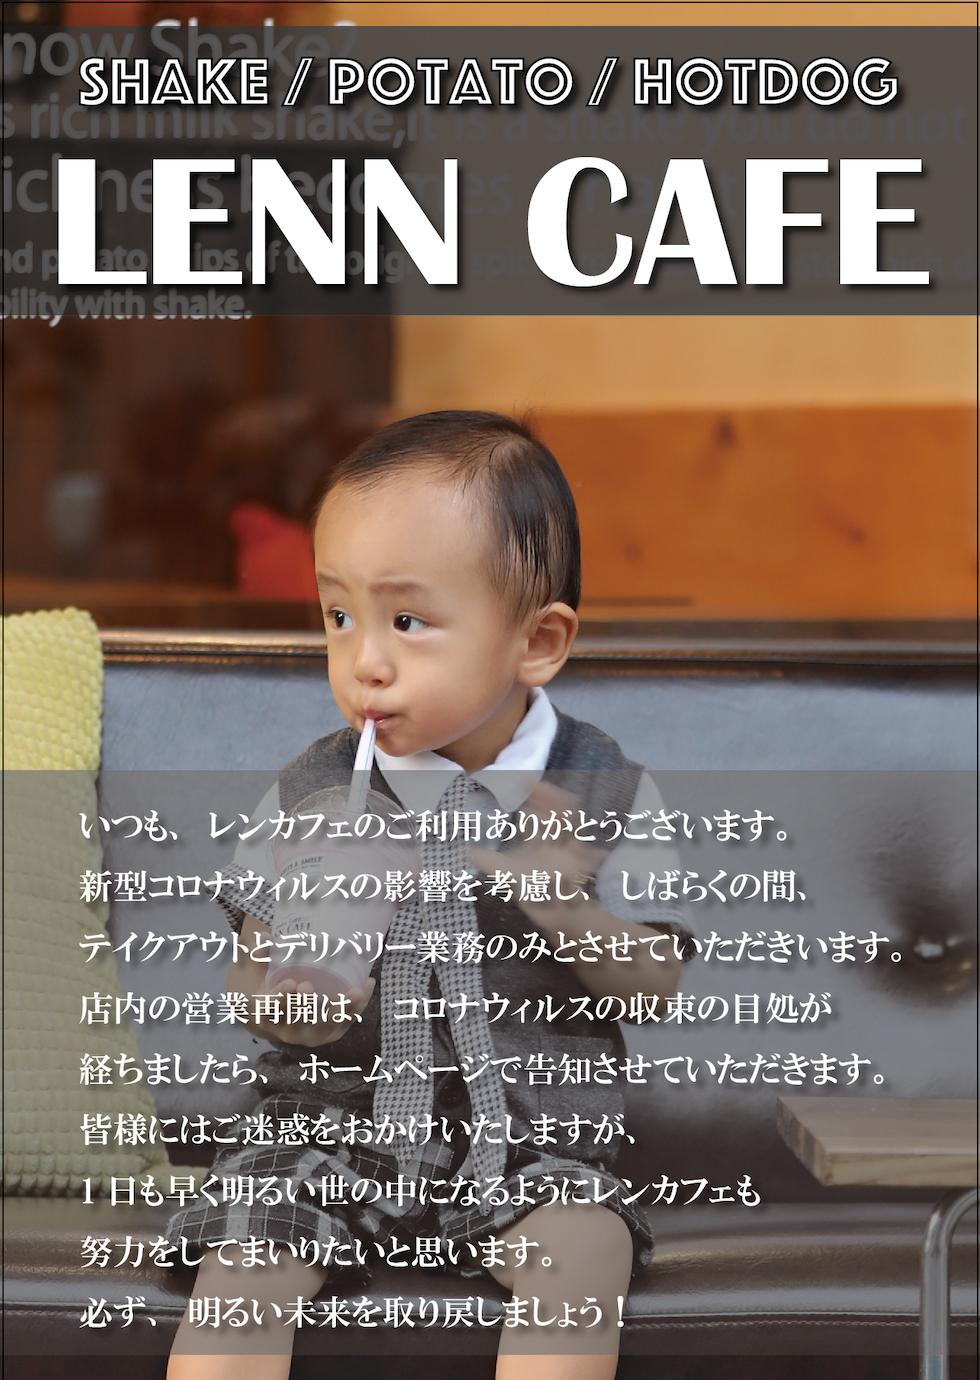 レンカフェ(LENN CAFE)営業告知